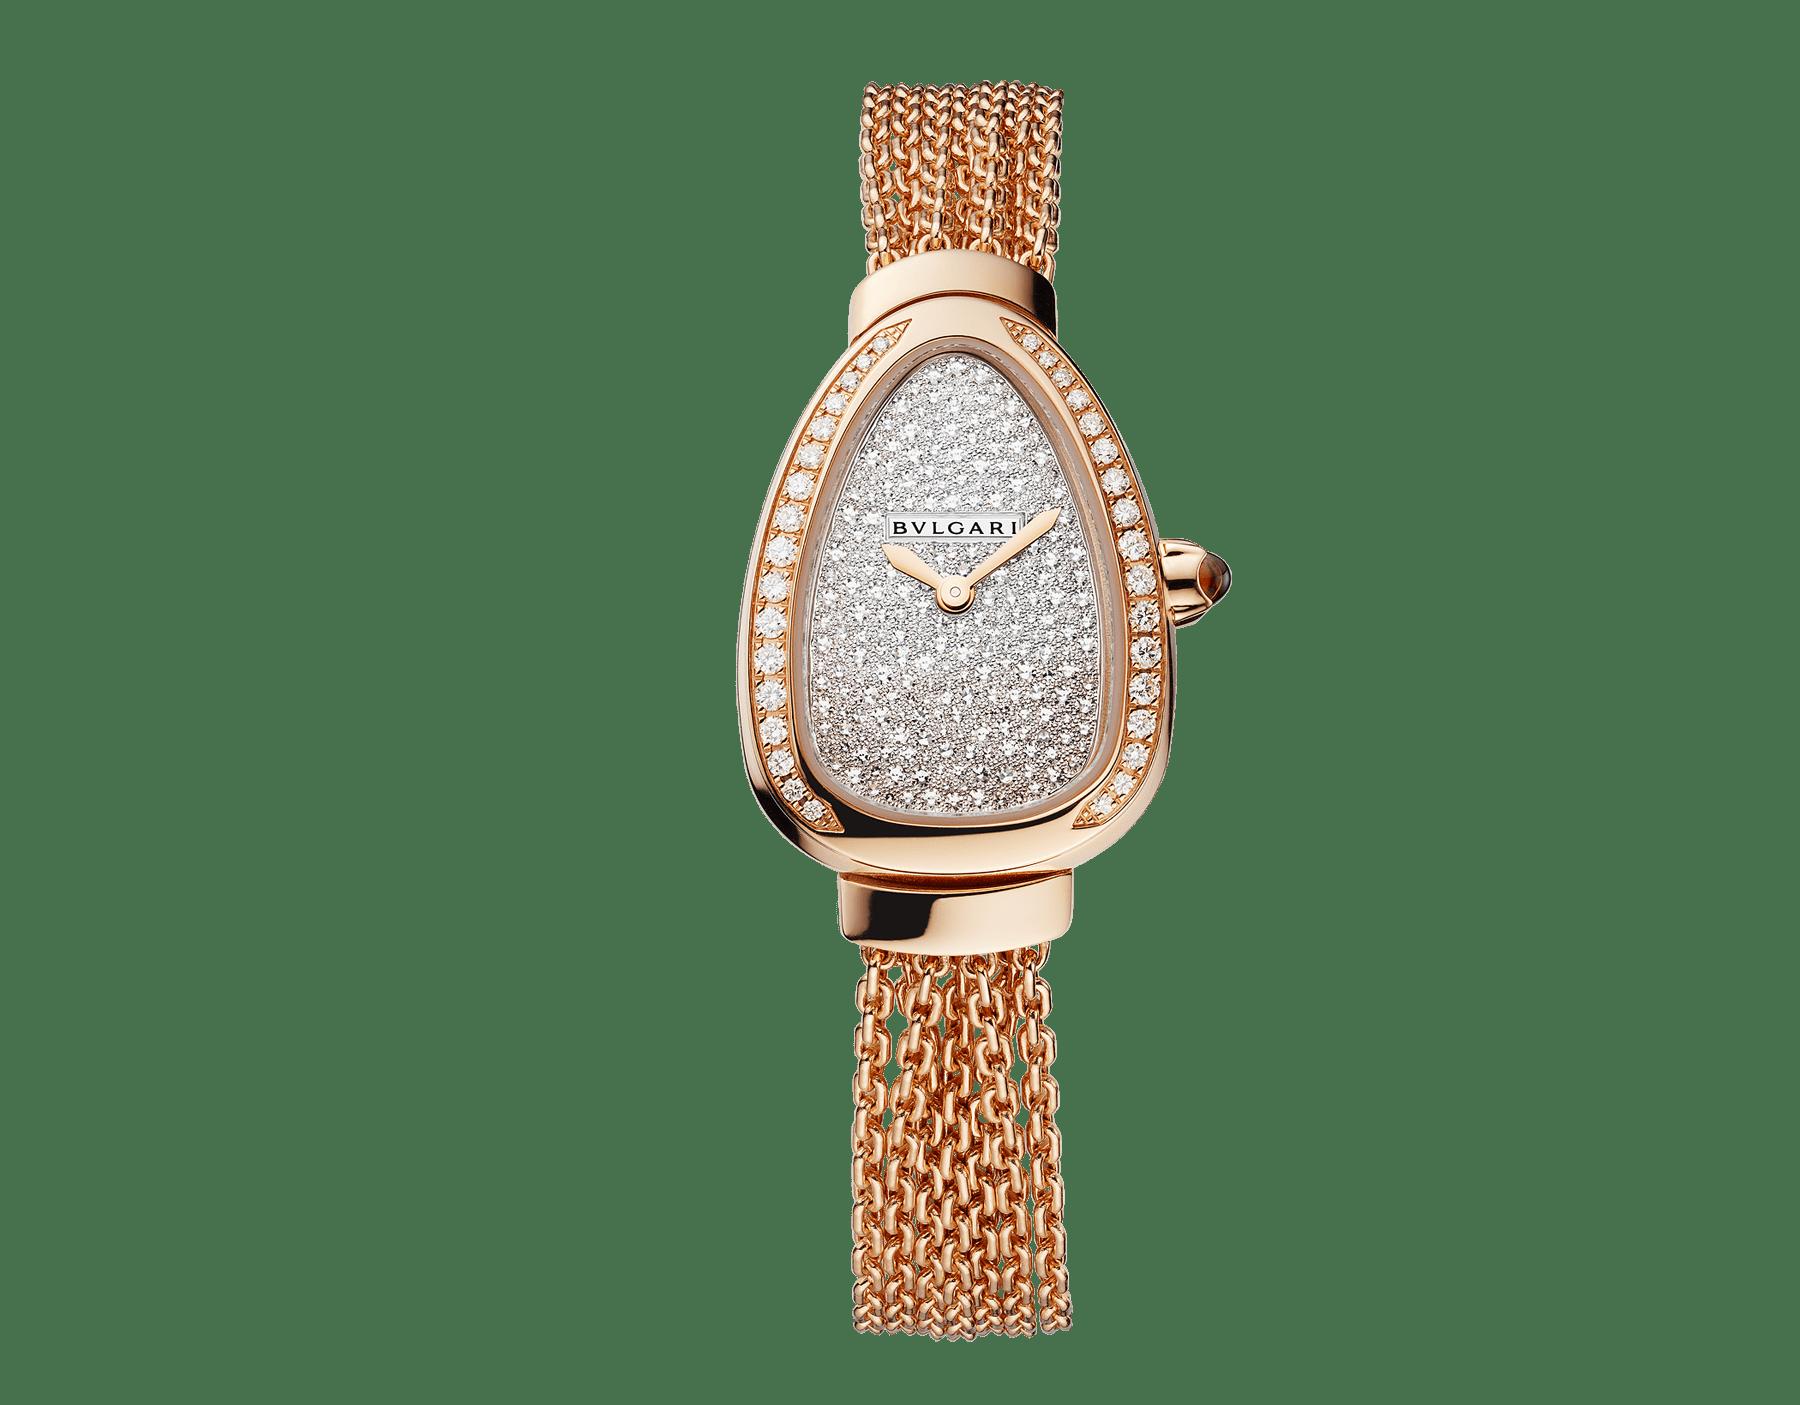 Reloj Serpenti con caja en oro rosa de 18qt con diamantes talla brillante engastados, esfera con pavé efecto nieve y brazalete de cadena de una vuelta intercambiable en oro rosa de 18qt 103063 image 1